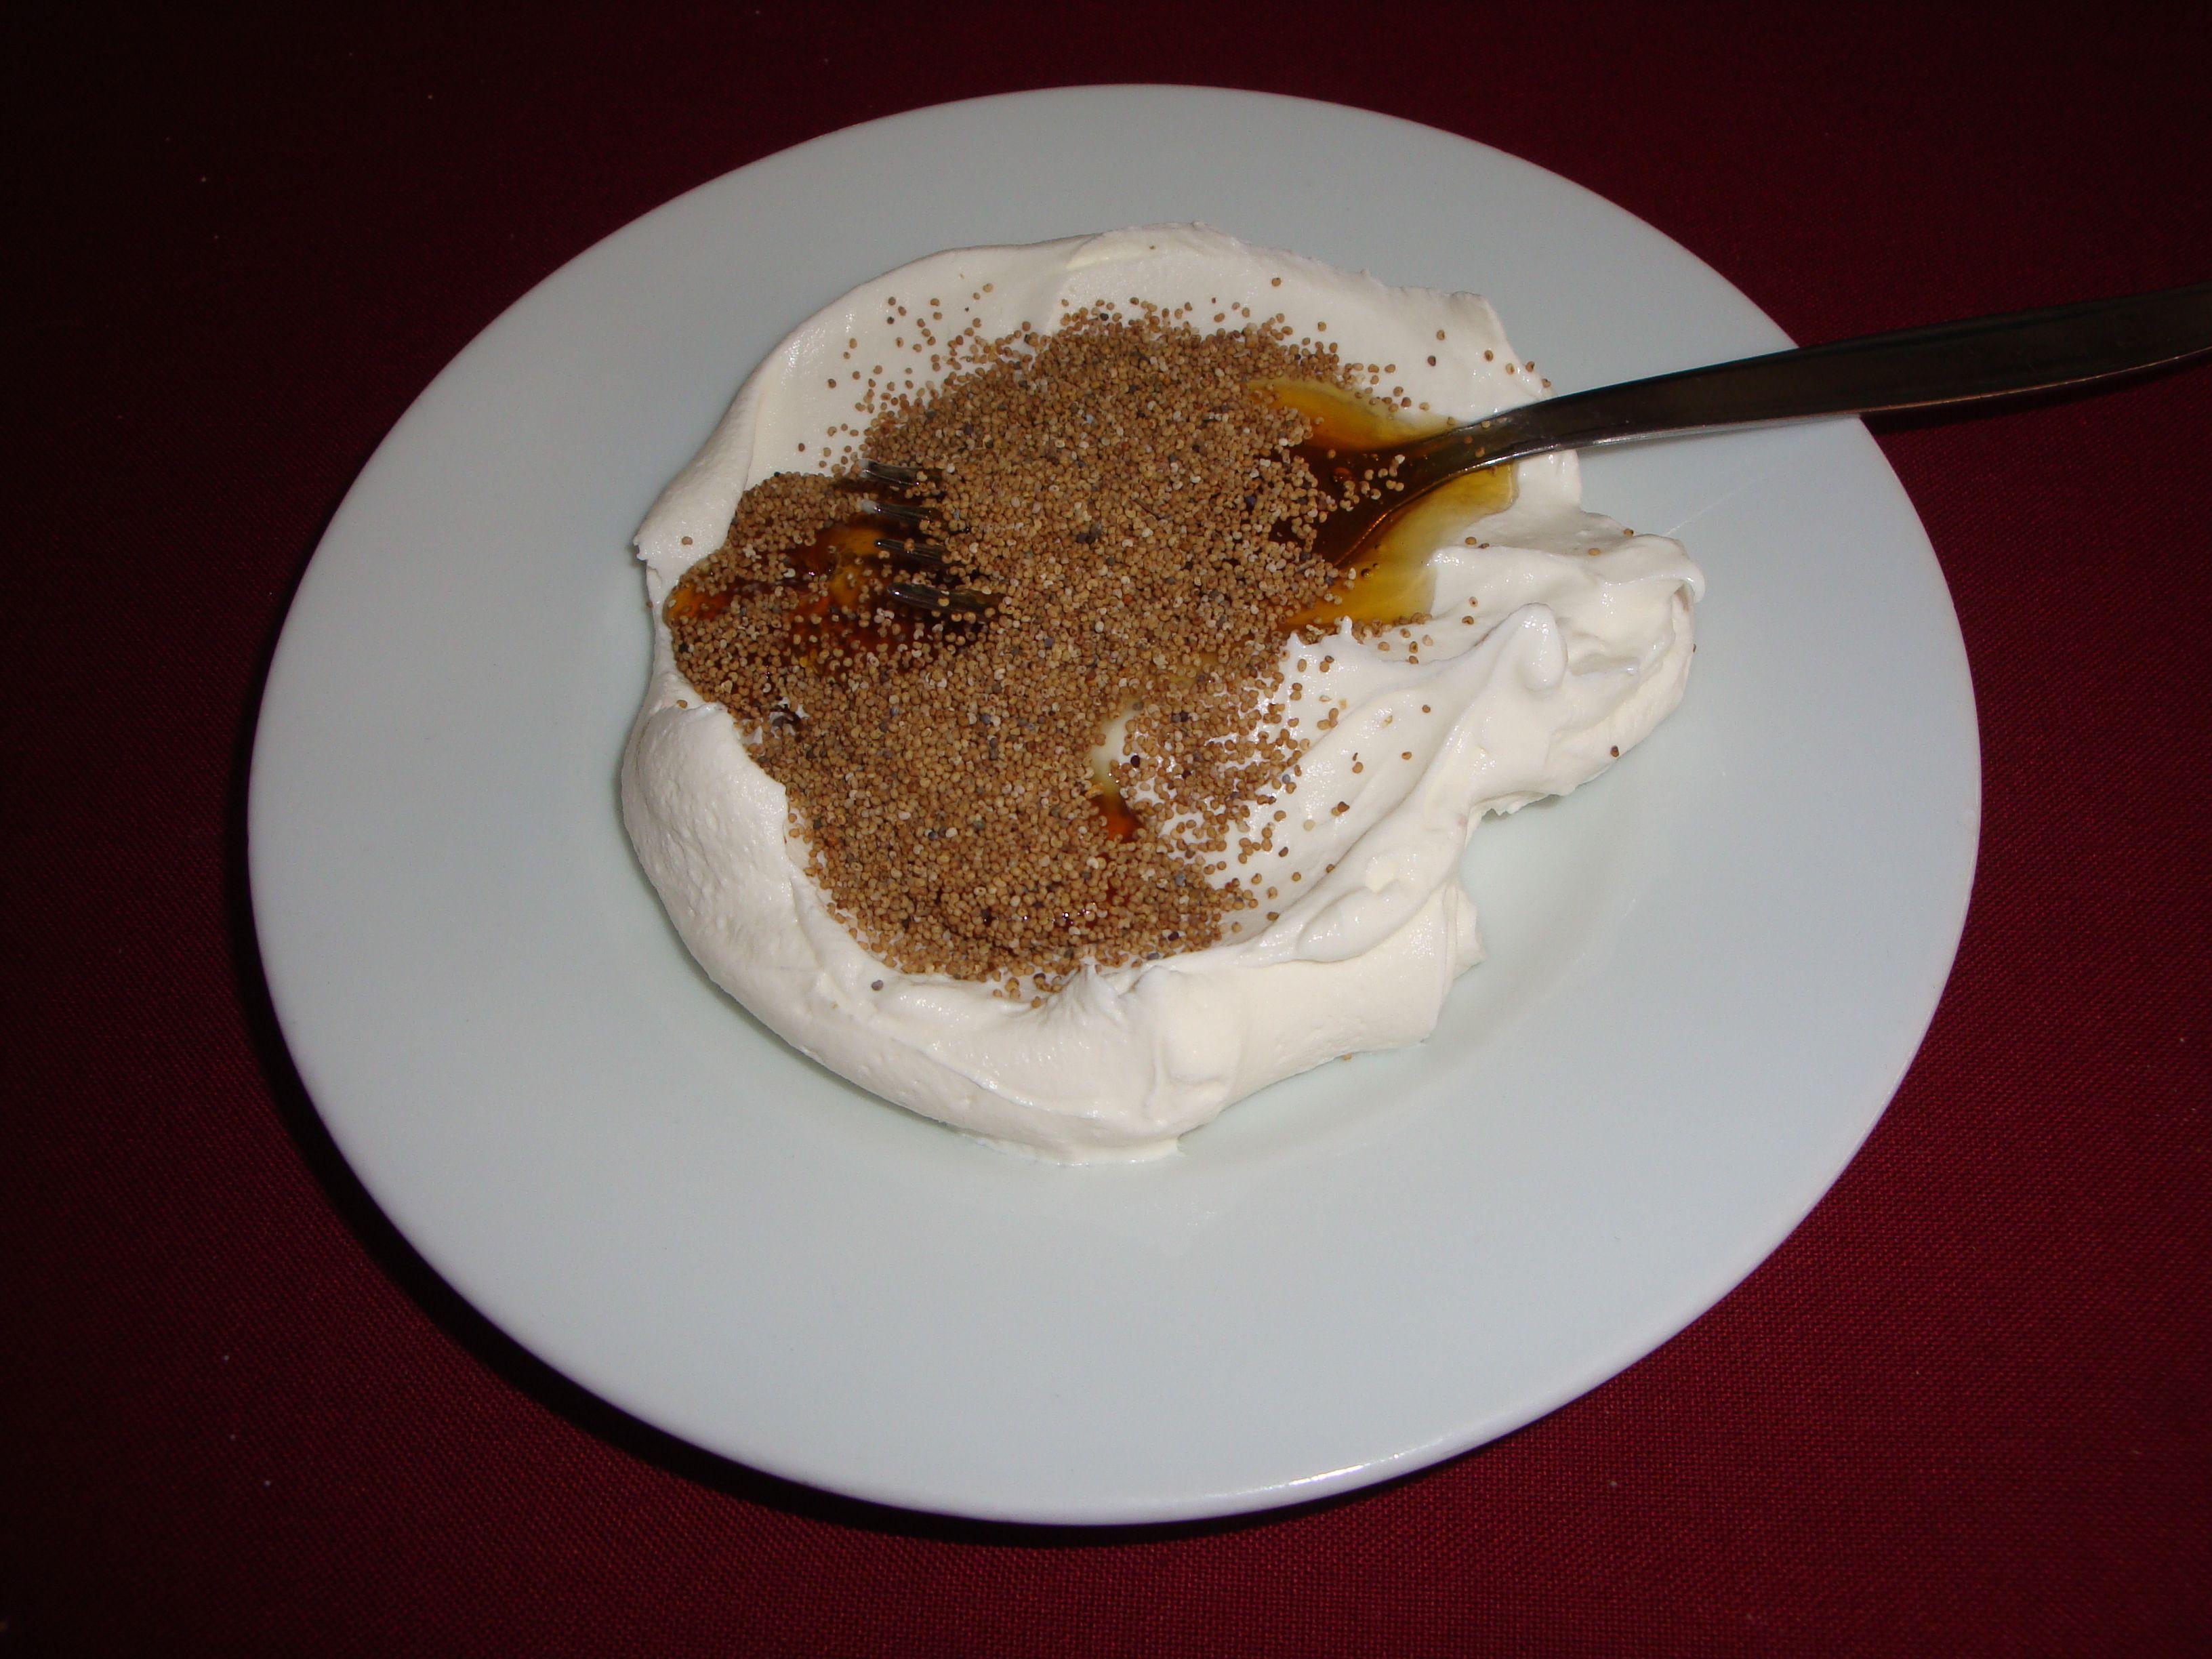 Circuito Grecia : Yogurt con miel y opio circuito grecia bulgaria y turquia. arte